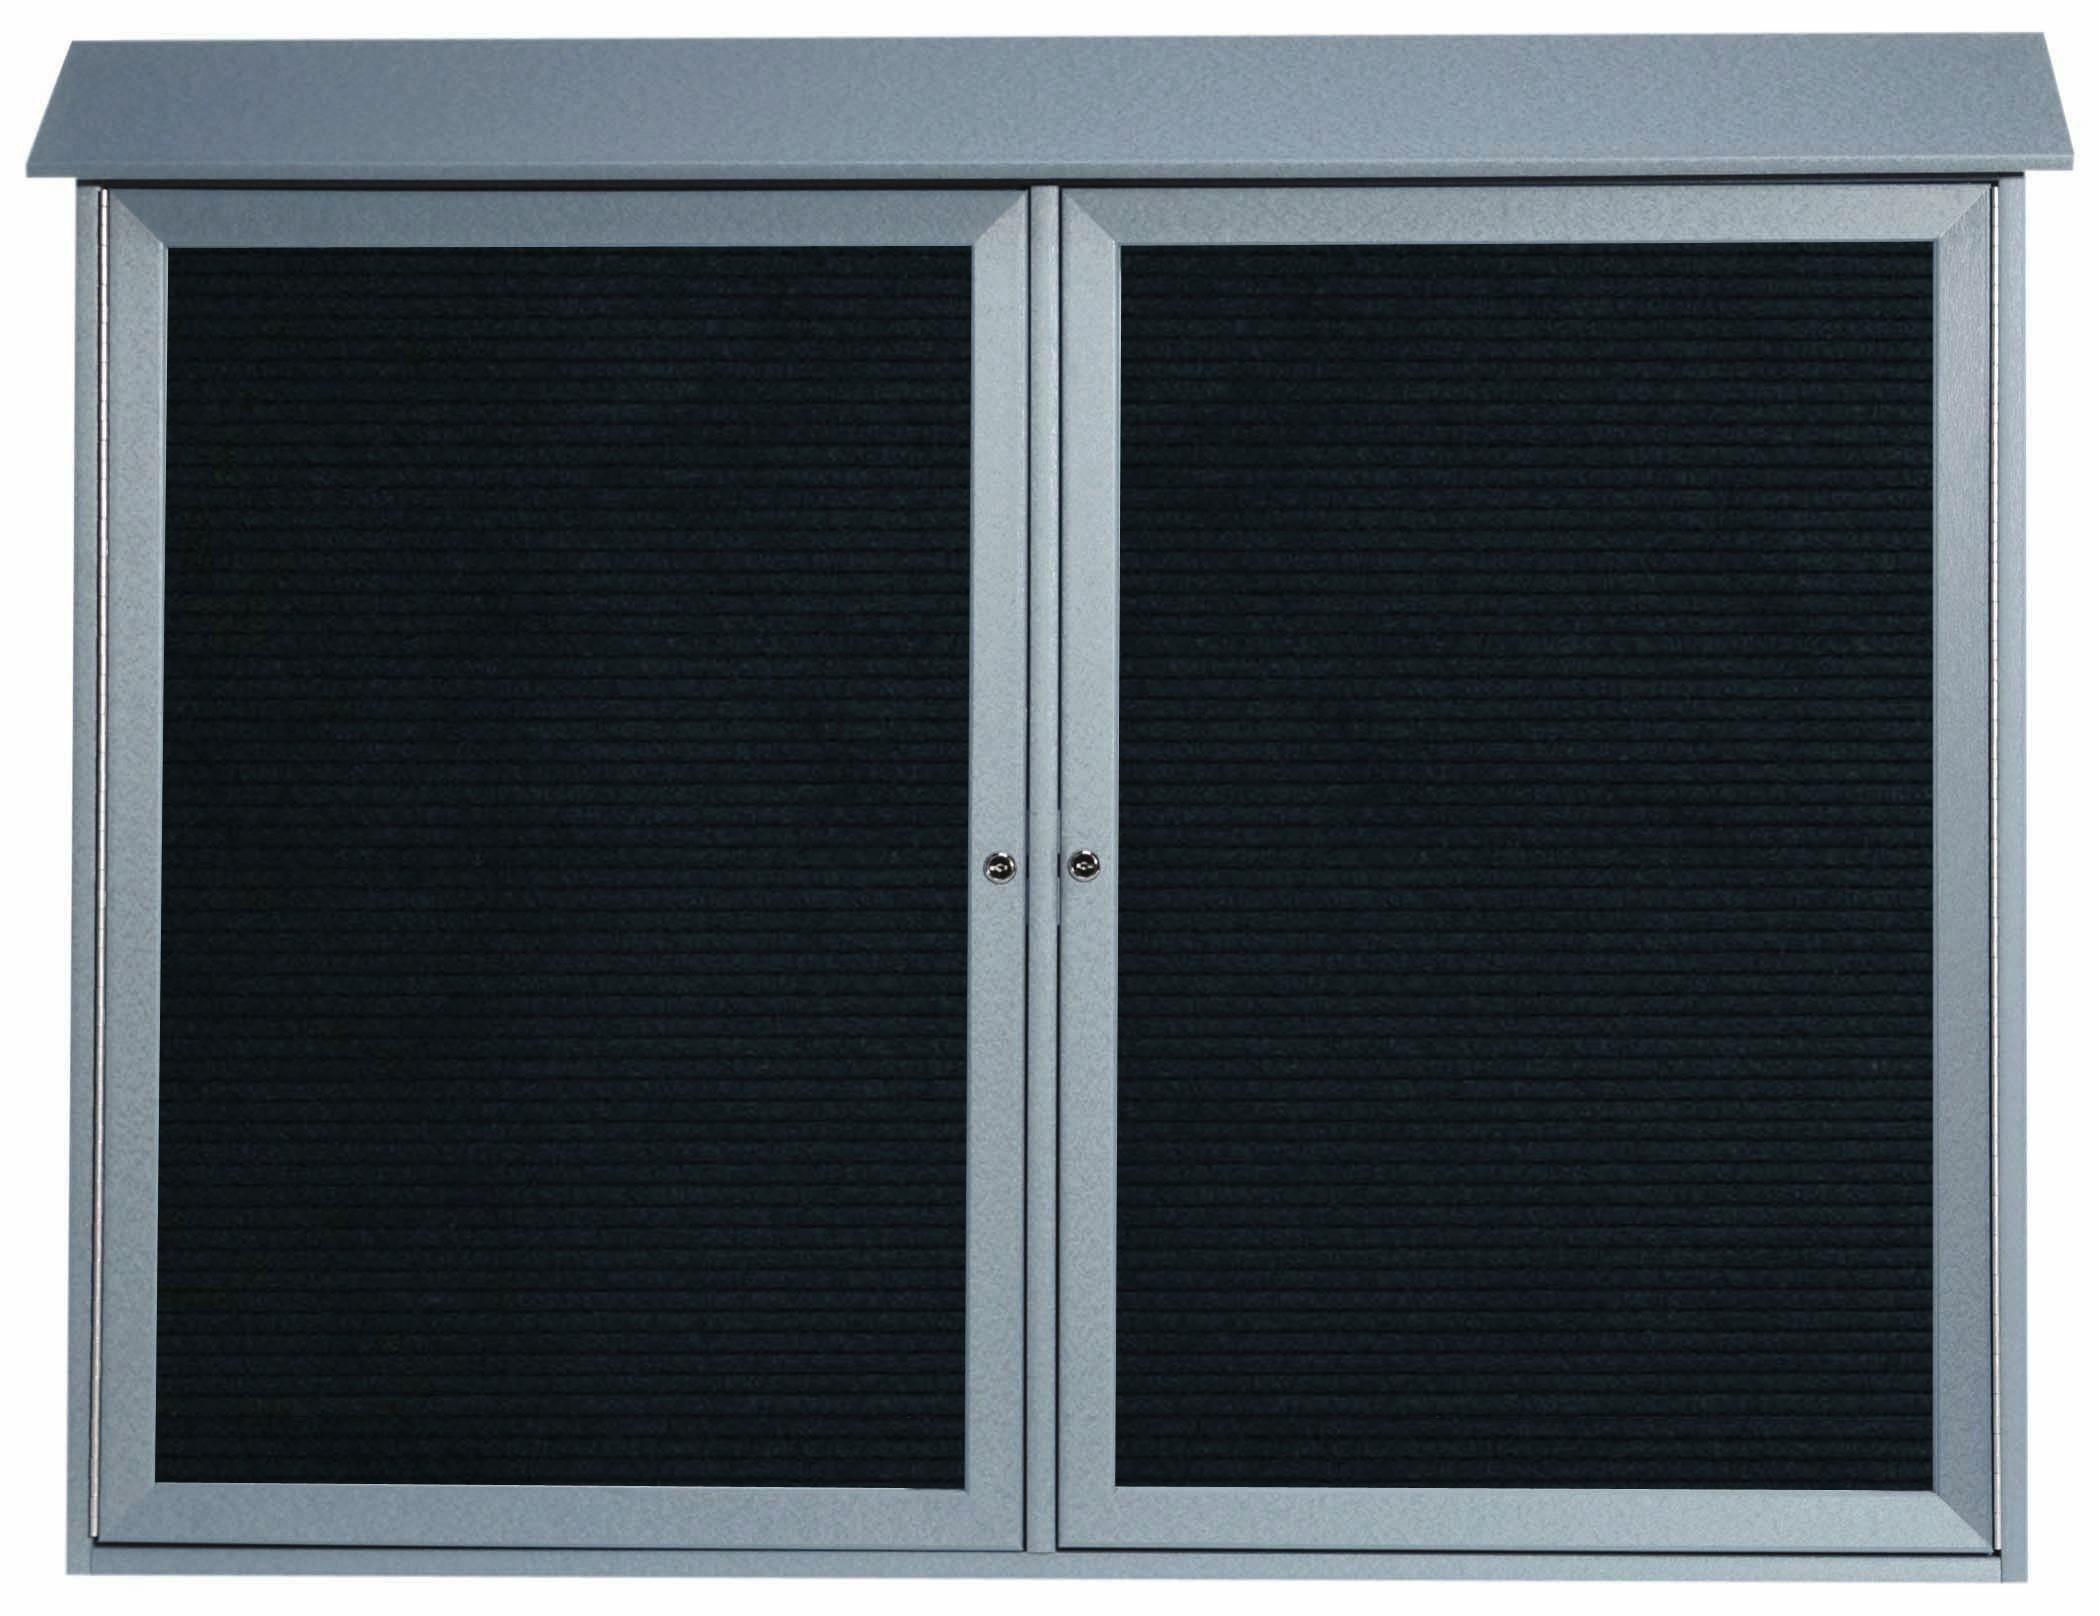 Light Grey Two Door Hinged Door Plastic Lumber Message Center with Letter Board-40